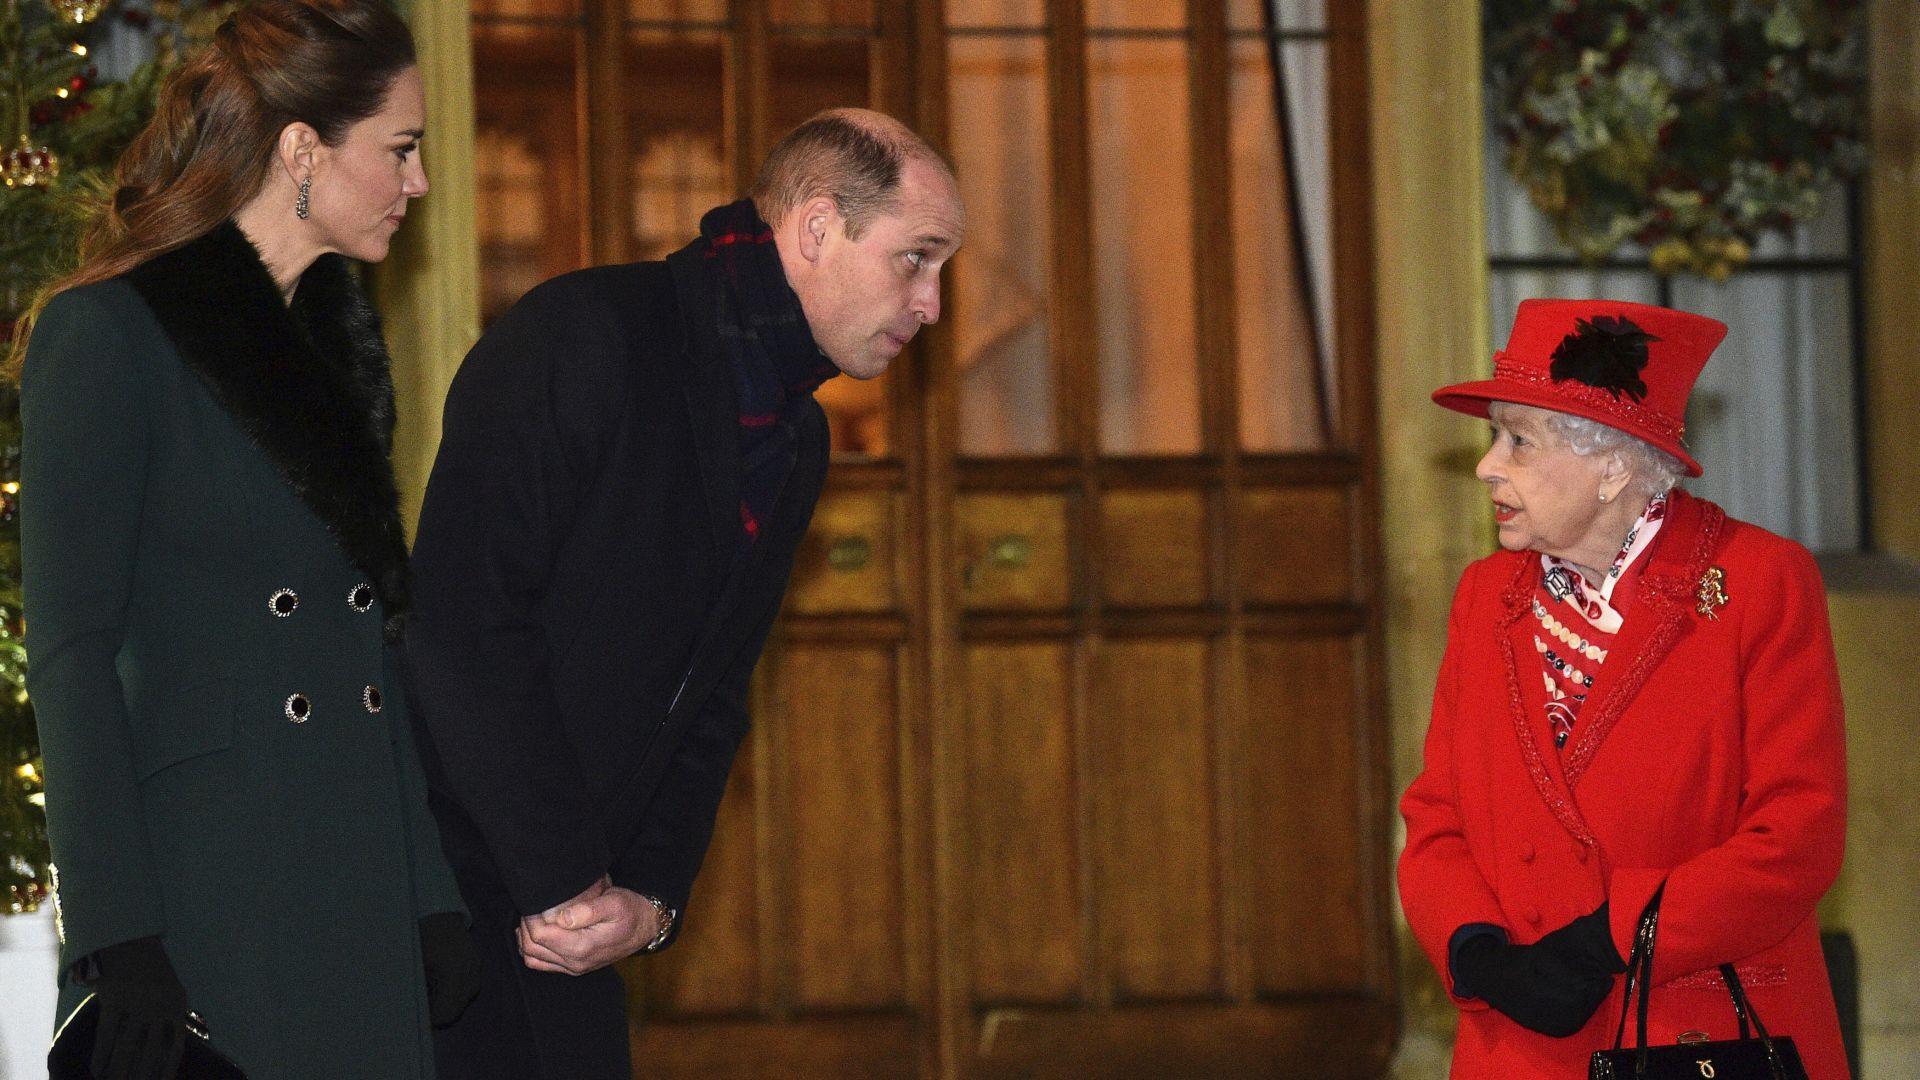 Кралица Елизабет II организира коледен прием в двореца Уиндзор (снимки)